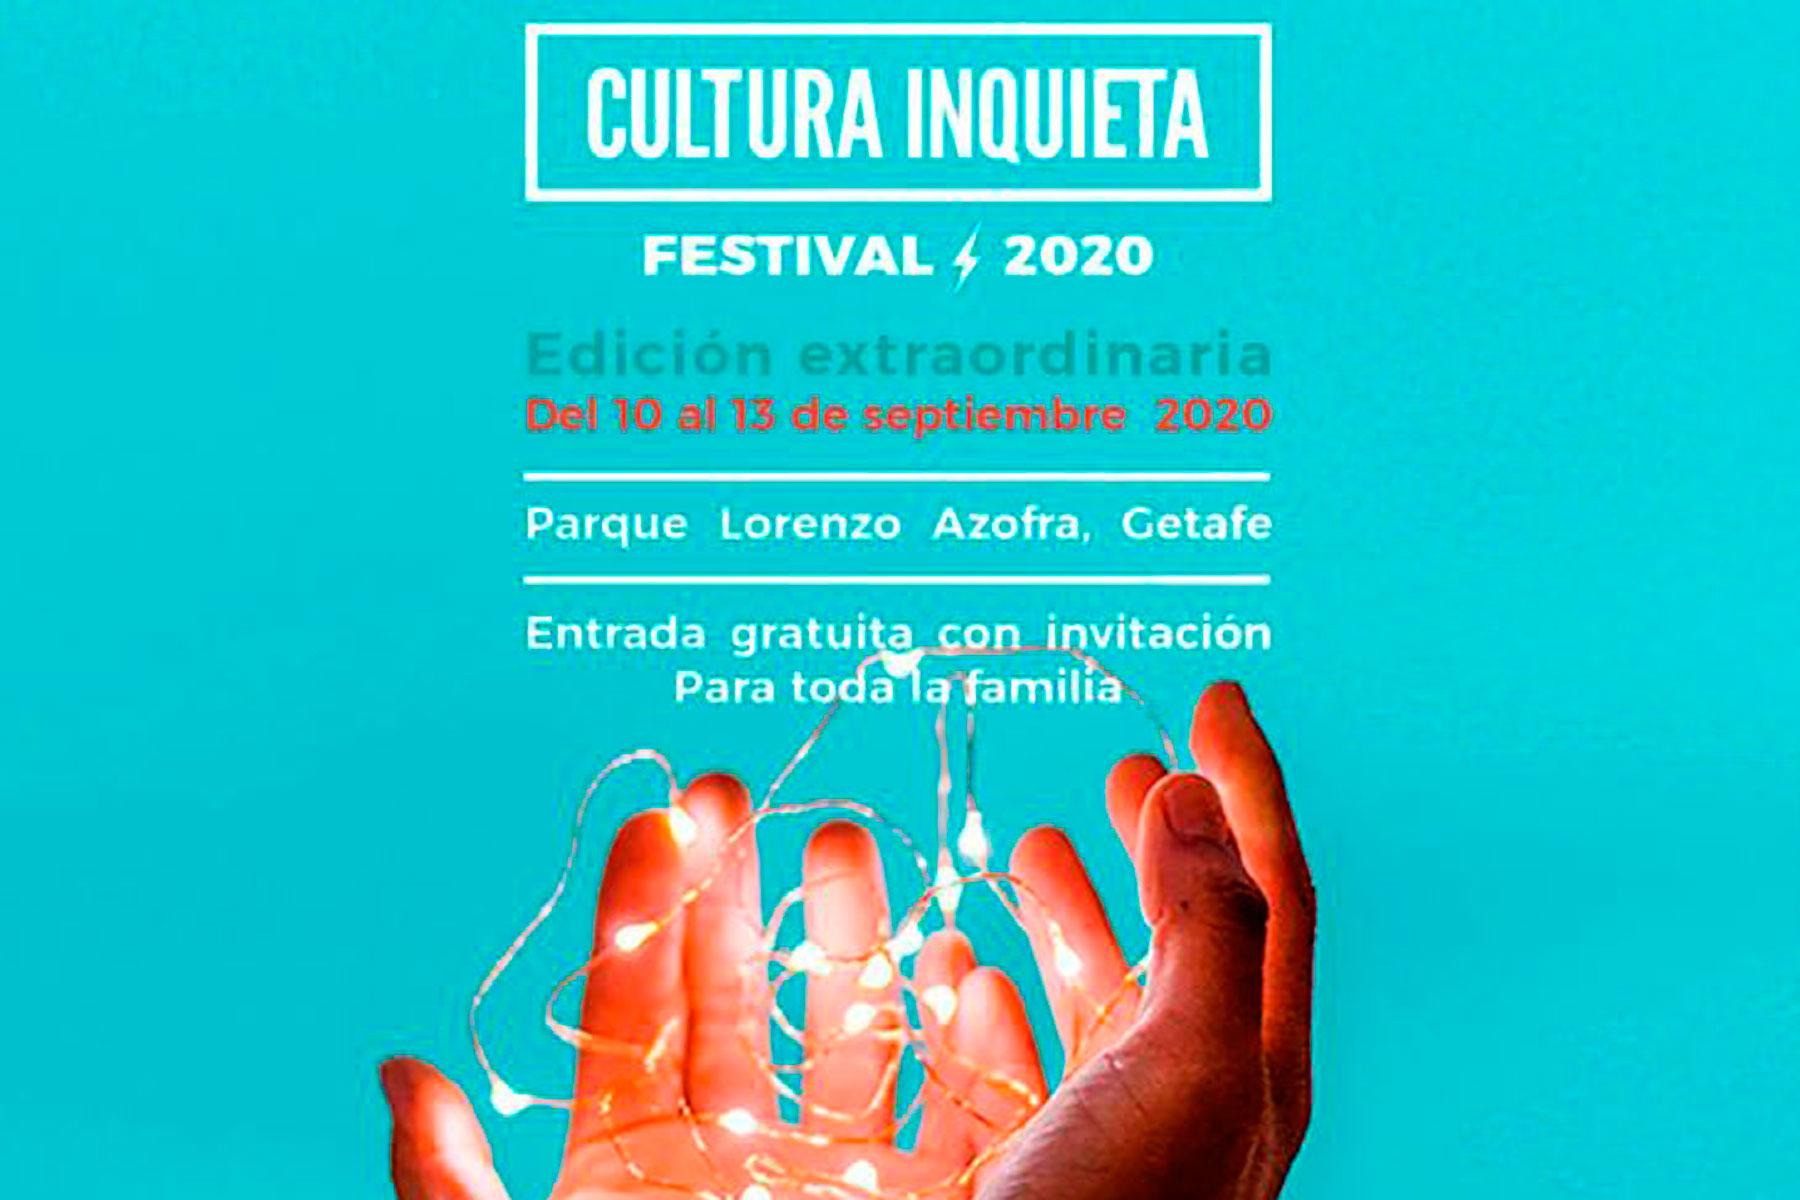 Tras el aplazamiento de su edición a 2021, la organización ha programado conciertos extra del 10 al 13 de septiembre